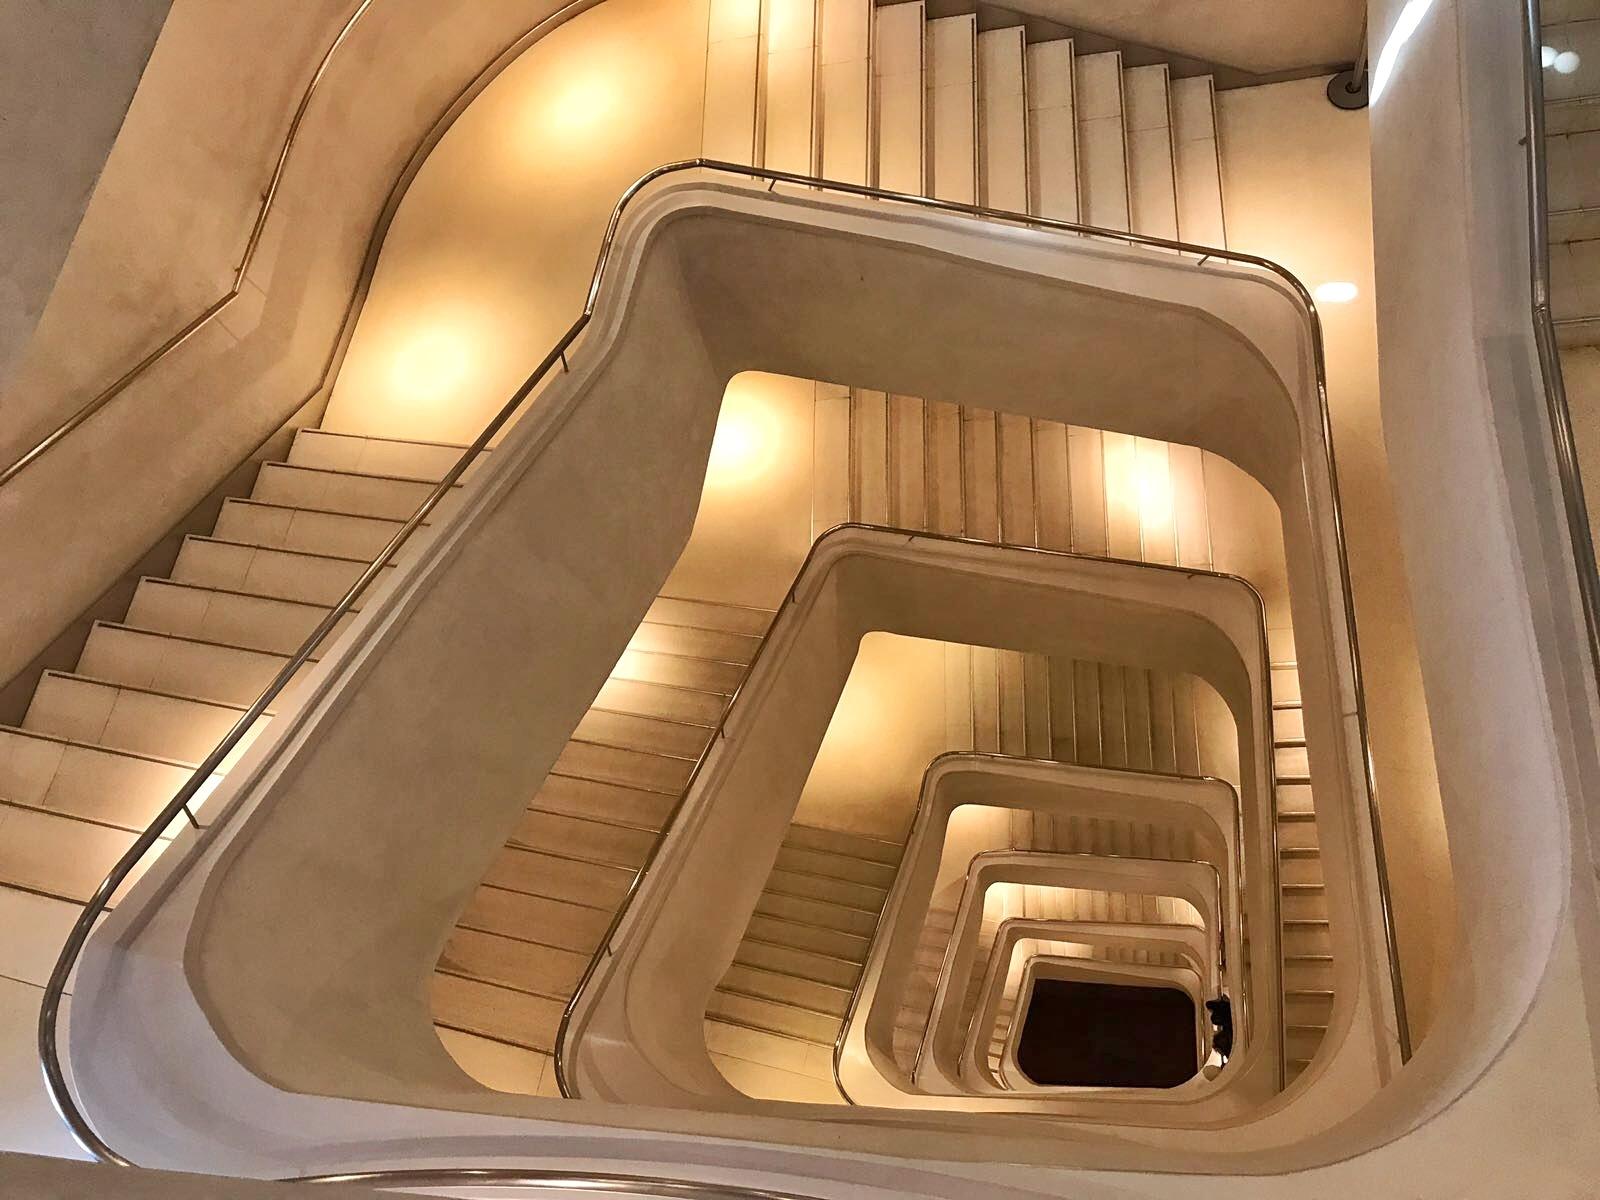 Caixa Forum Madrid escalera